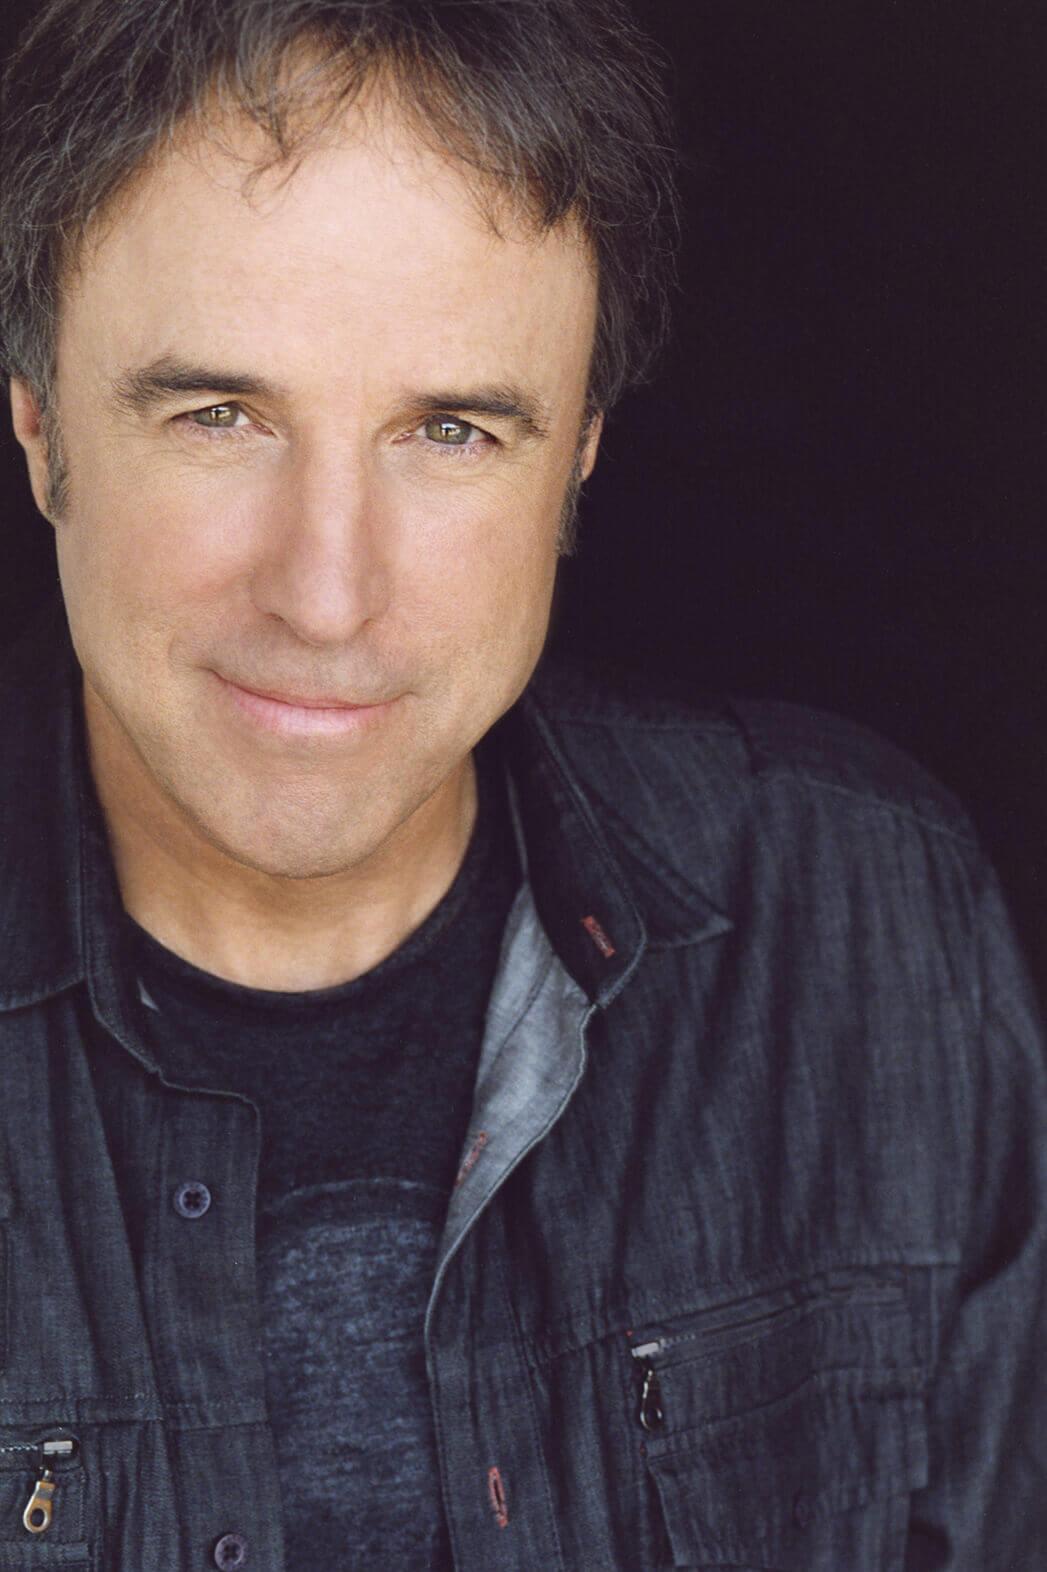 Kevin-Nealon-speaker